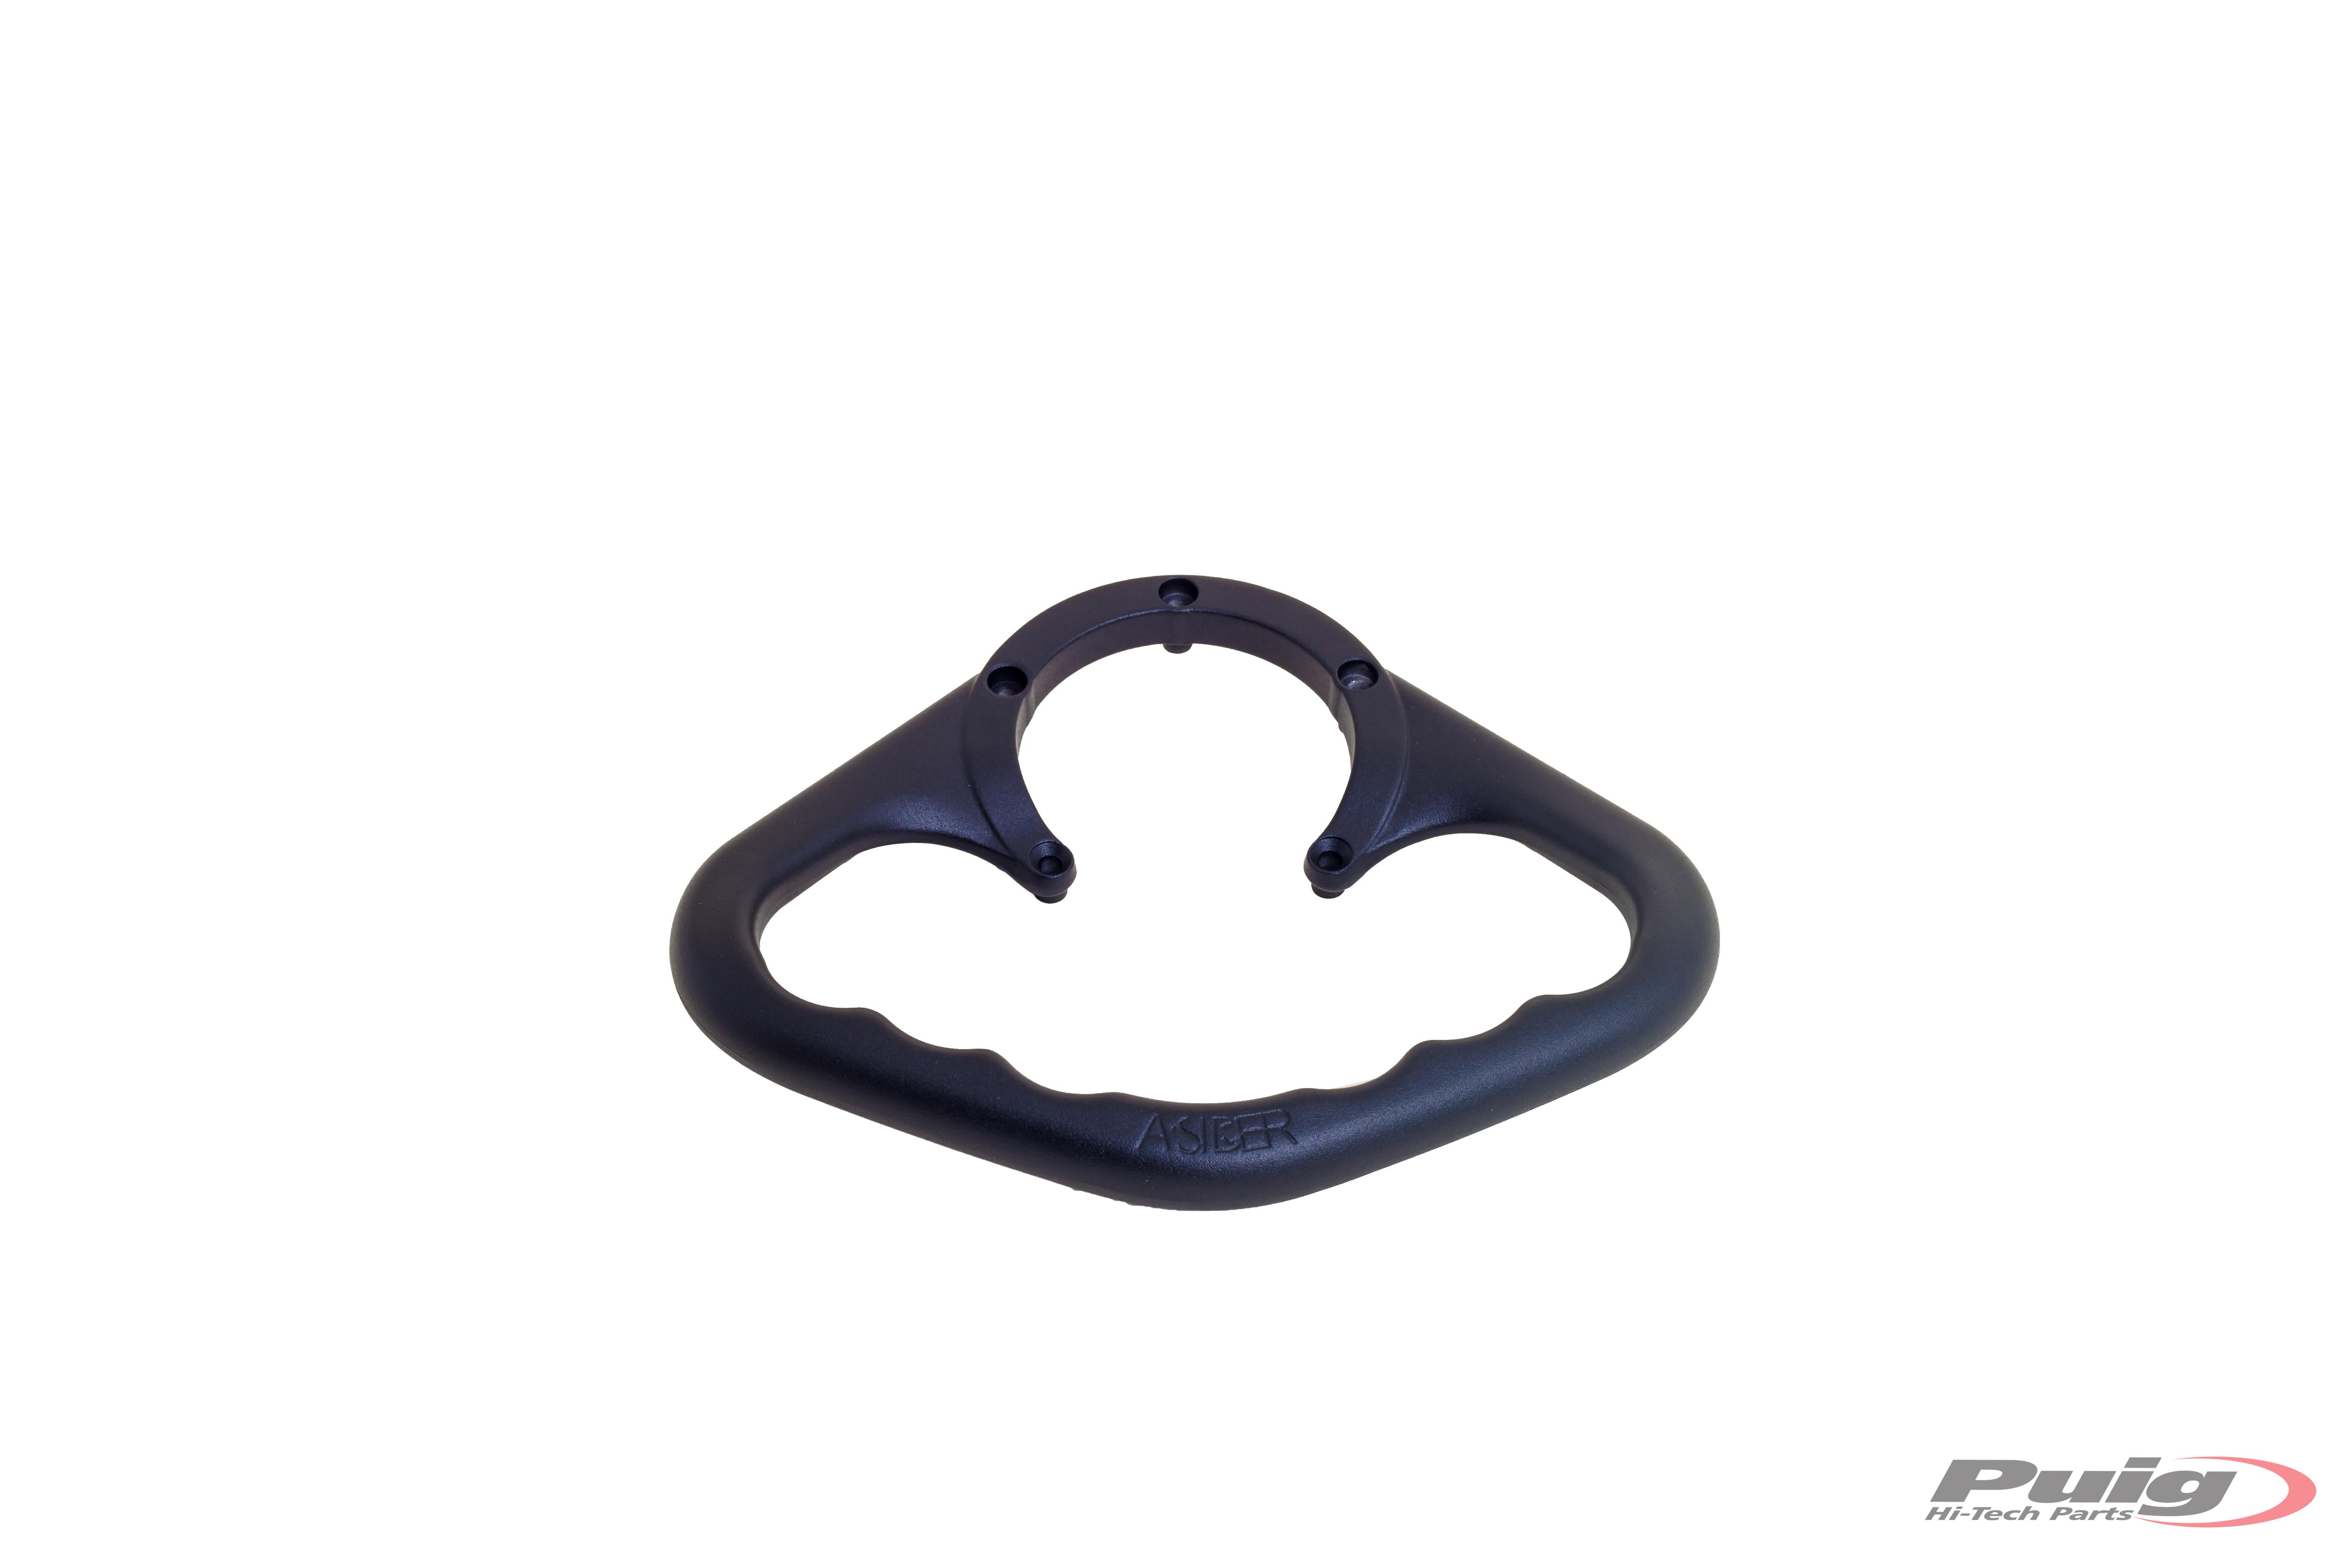 Asidero Puig para moto MV AGUSTA (Mirar modelos compatibles)